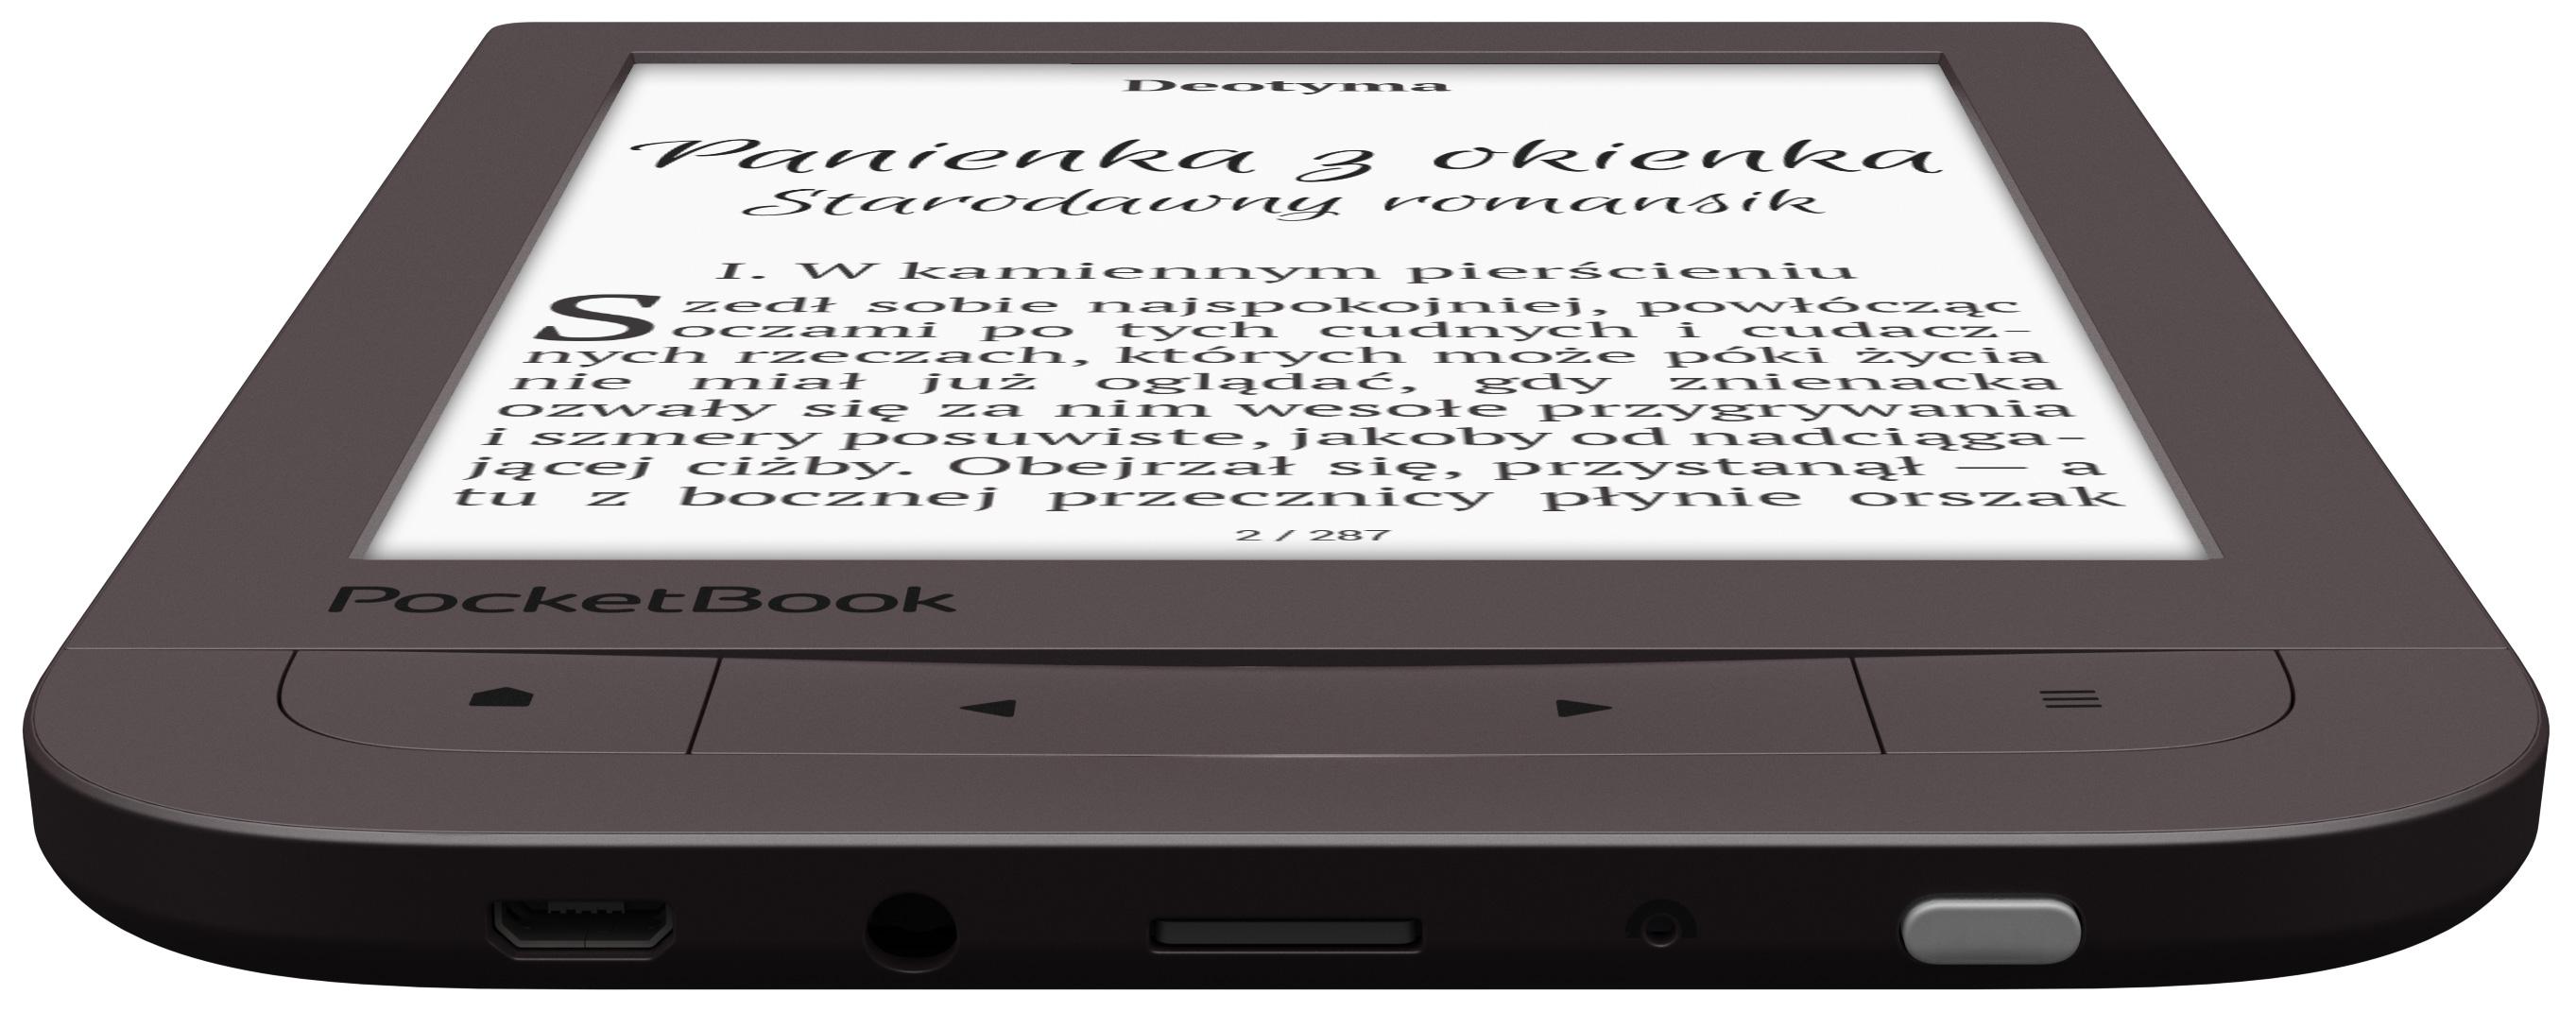 Zupełnie nowy poziom czytania elektronicznych książek!